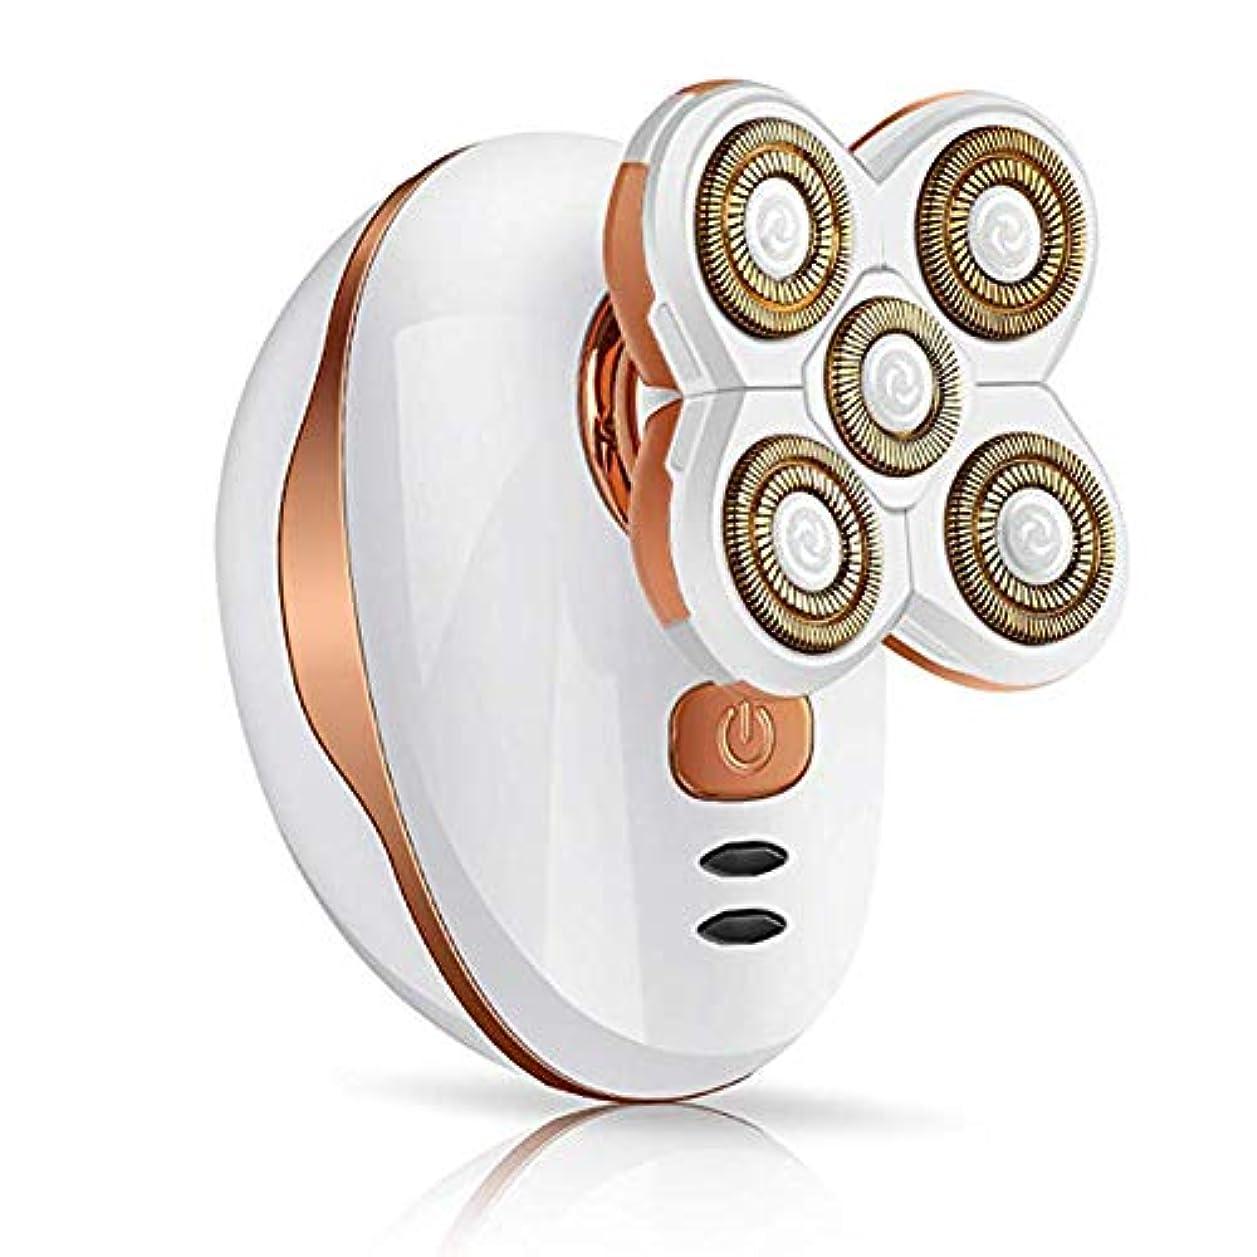 便利さ入力5フローティングヘッドウェットドライ電気ロータリーシェーバー、コードレス防水かみそりはげ頭シェーバー、旅行や家庭用の高速USB再充電セキュリティロックモード